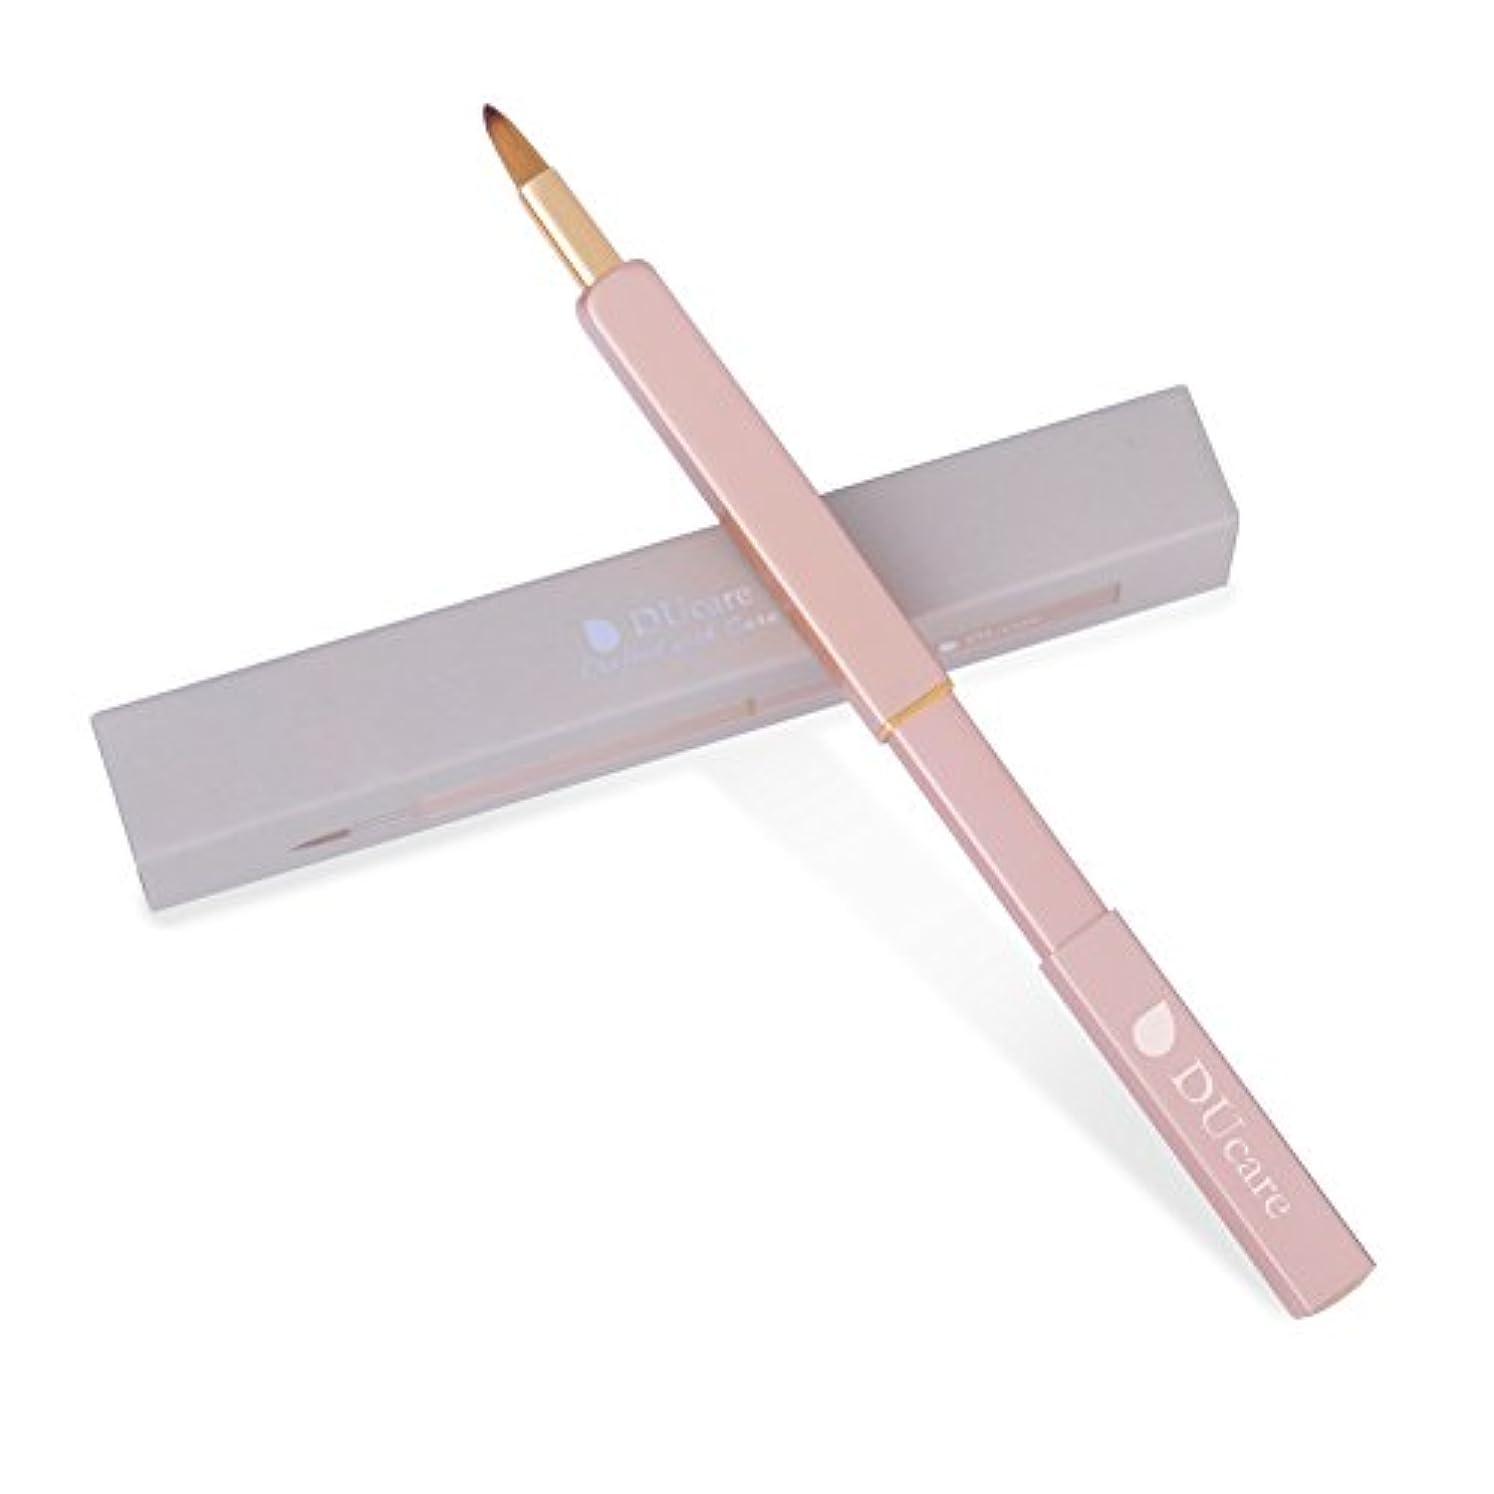 寄付刺す画像DUcare ドゥケア 化粧筆 携帯用リップブラシ スライド式 ゴージャズなシャンペン色 欧米セレブの間で爆発的な人気を呼んでいる